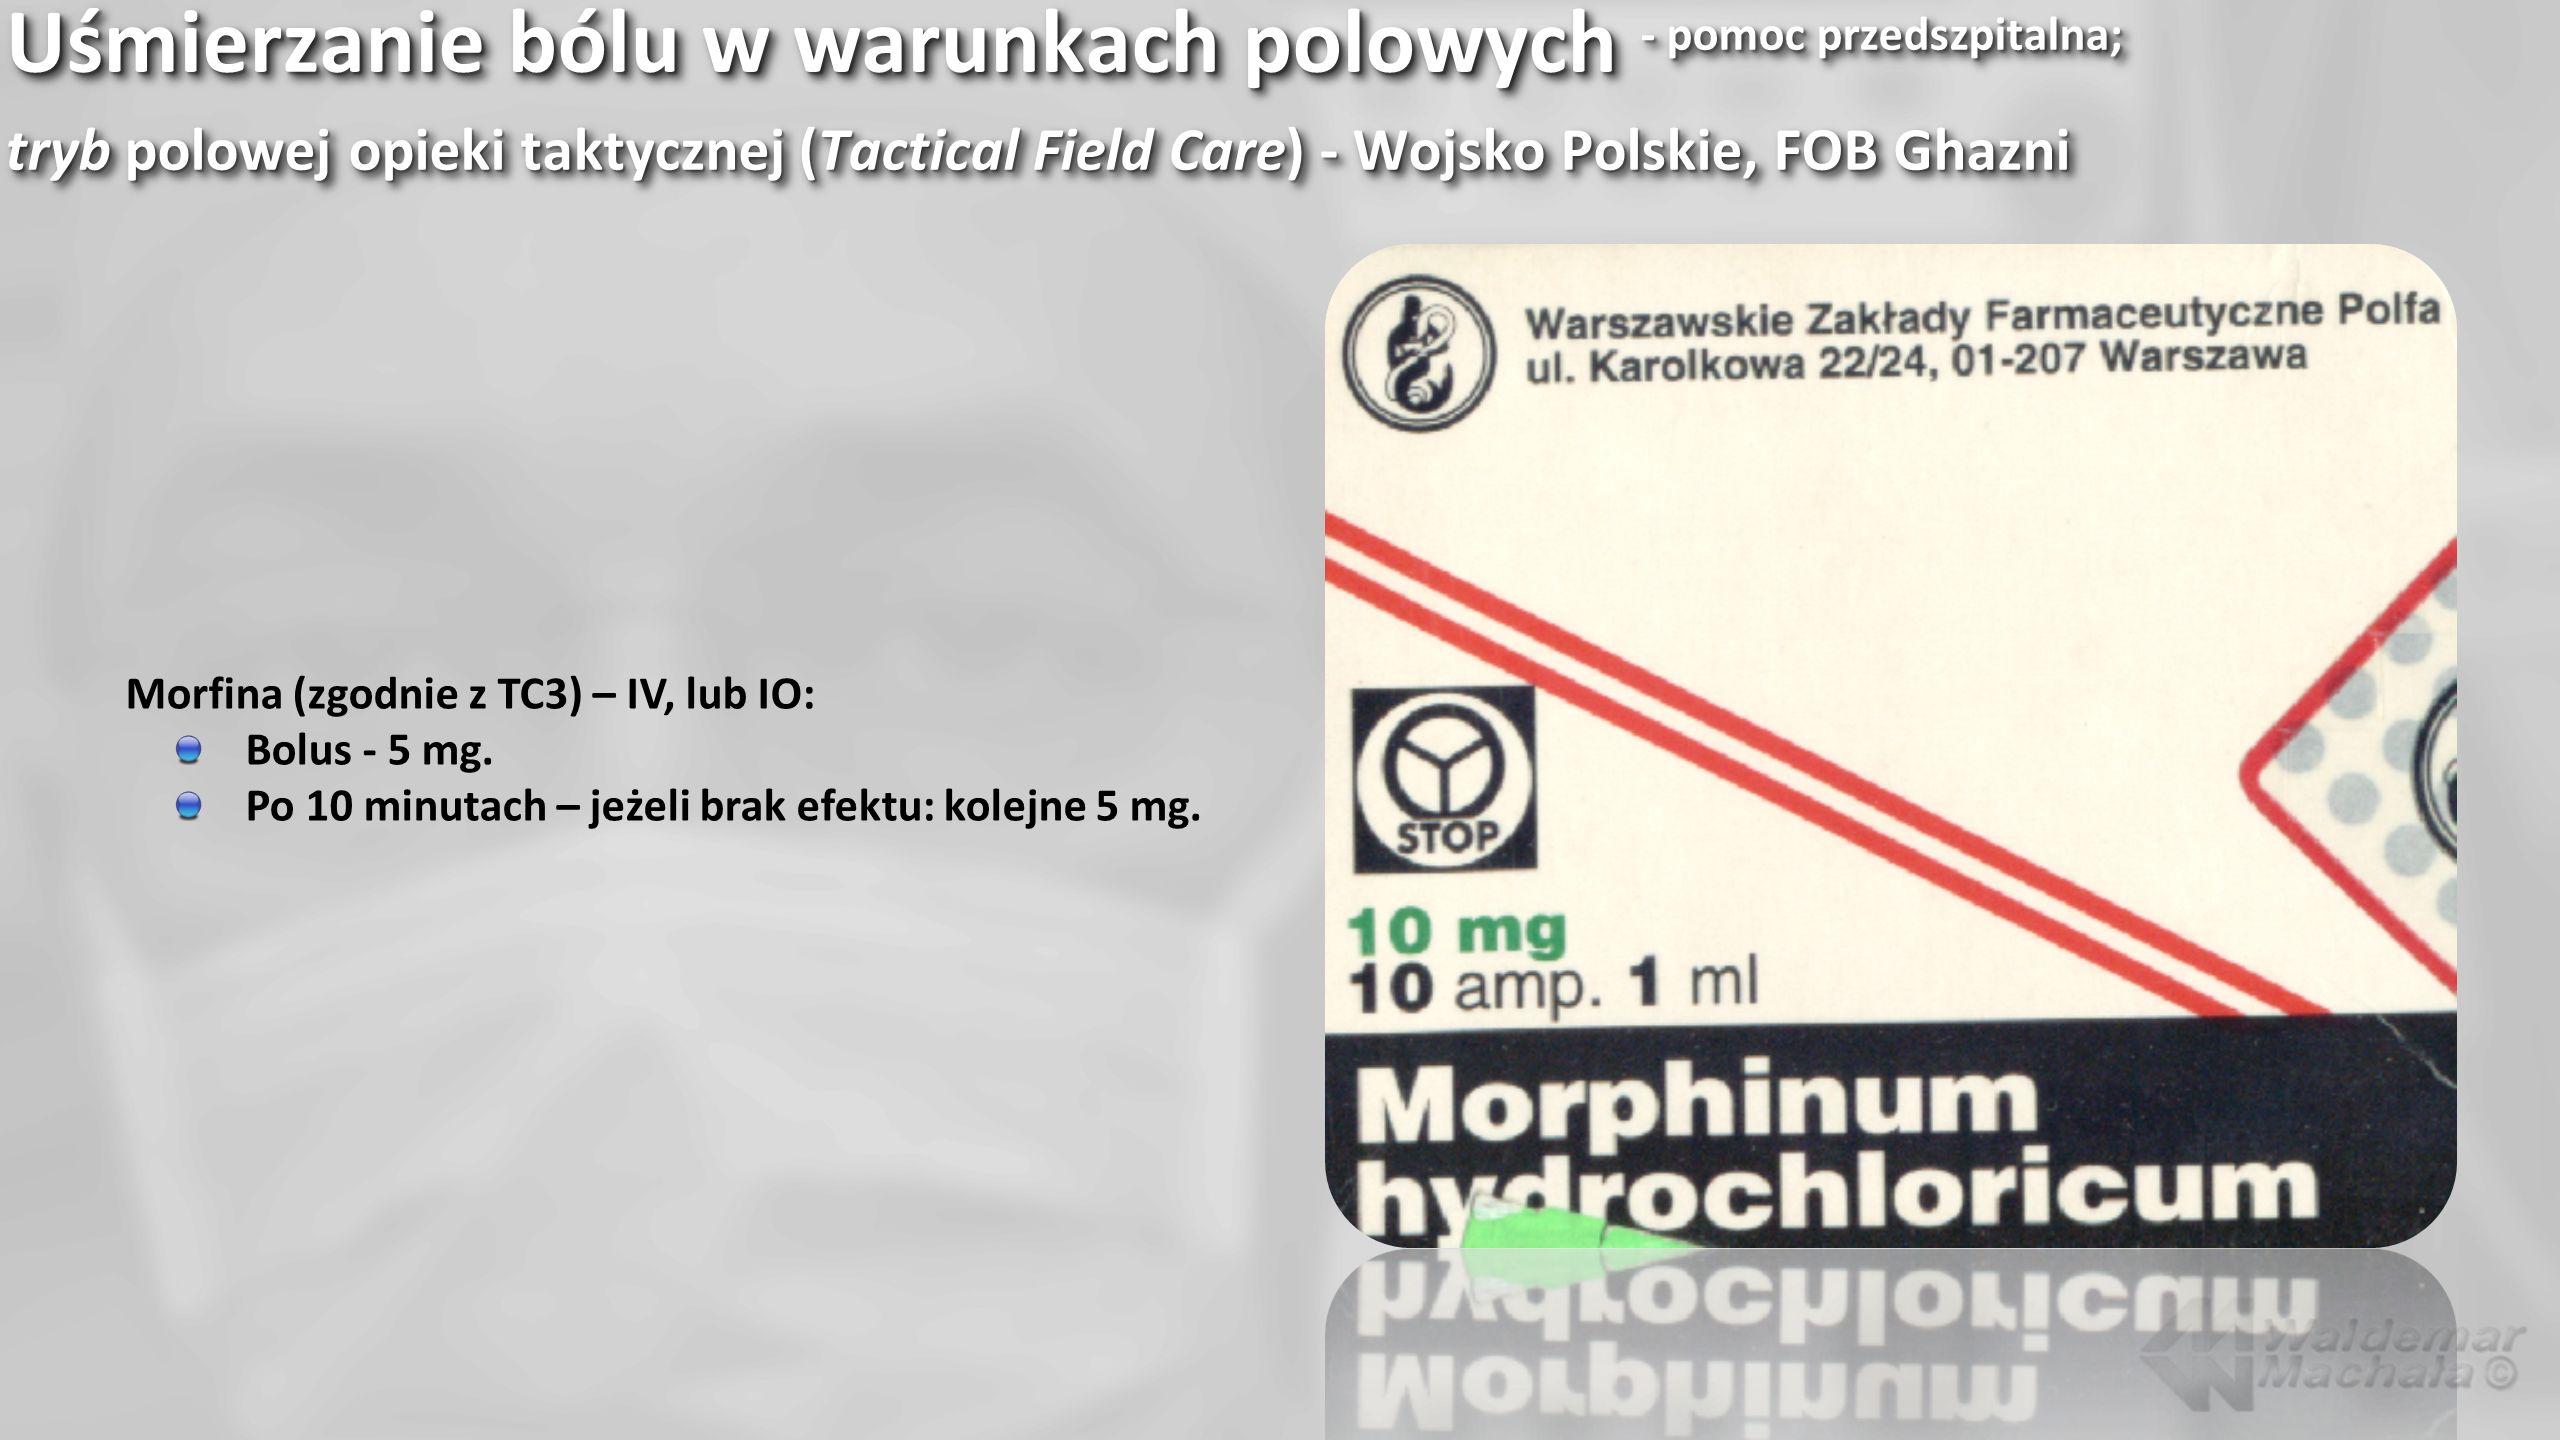 Uśmierzanie bólu w warunkach polowych - pomoc przedszpitalna; tryb polowej opieki taktycznej (Tactical Field Care) - Wojsko Polskie, FOB Ghazni